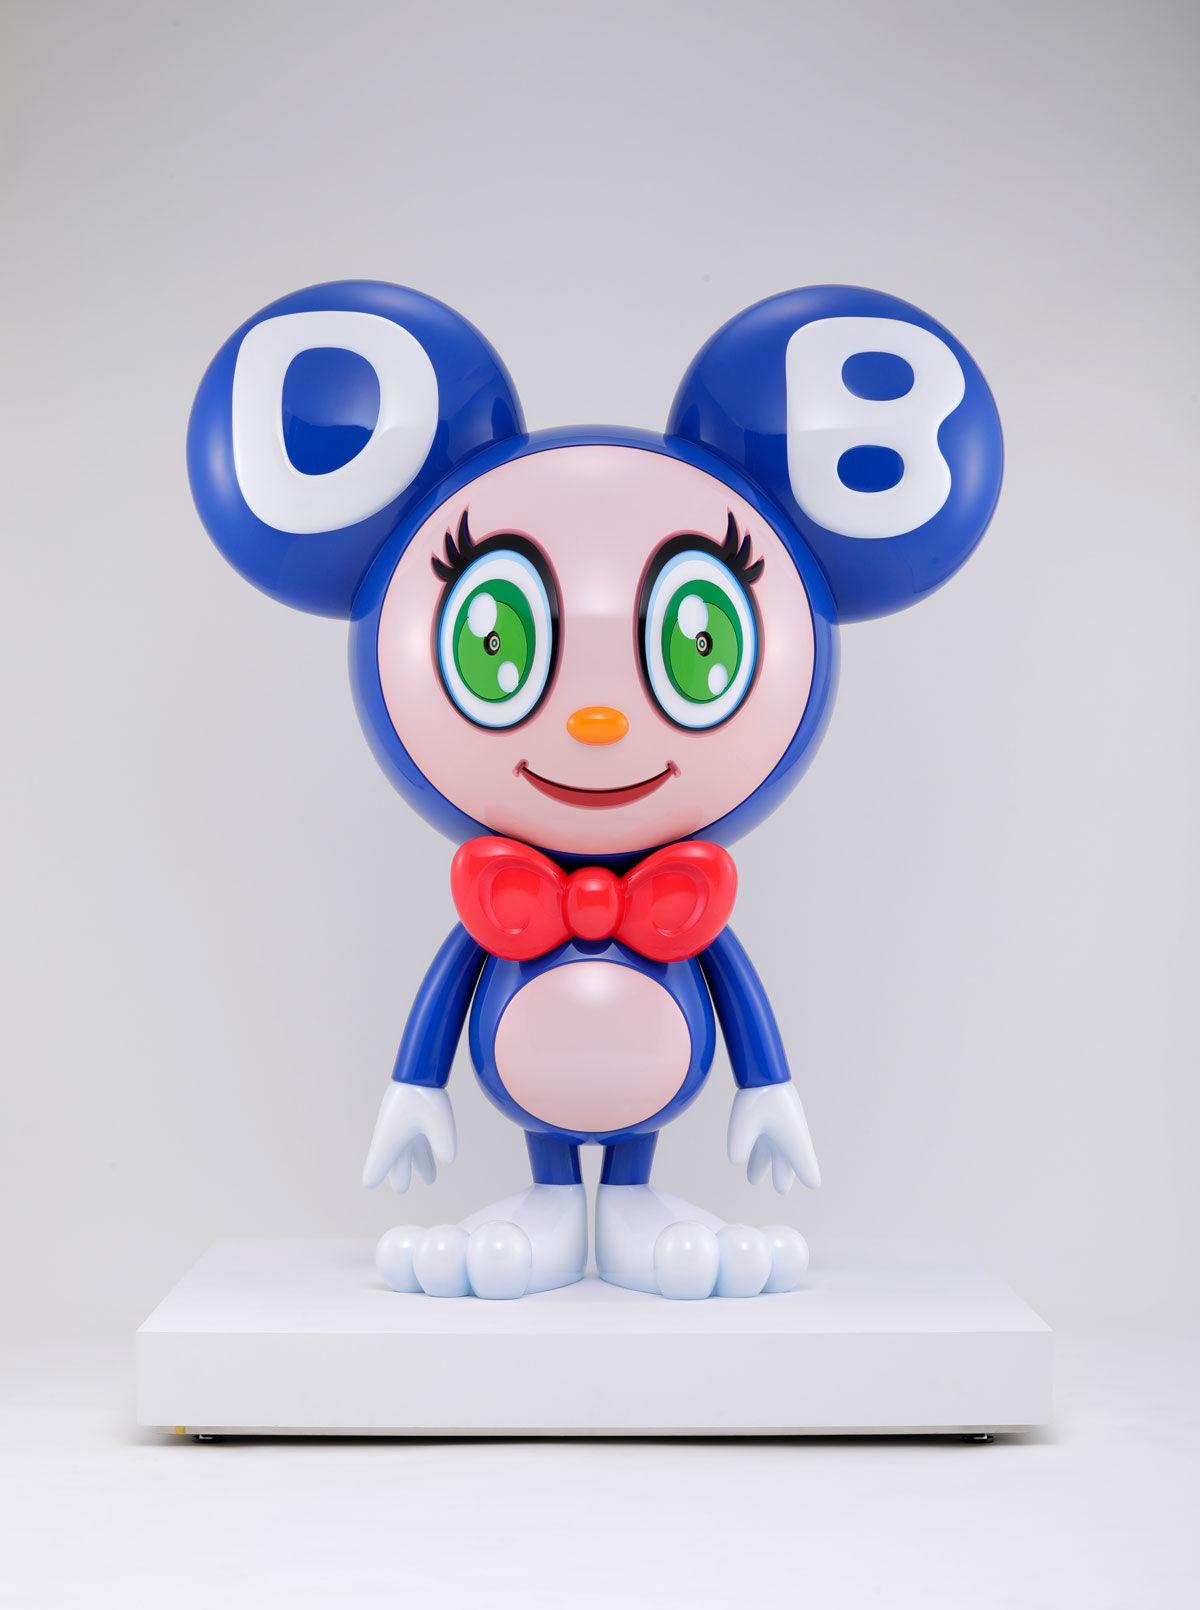 Mr. DOB av Murakami